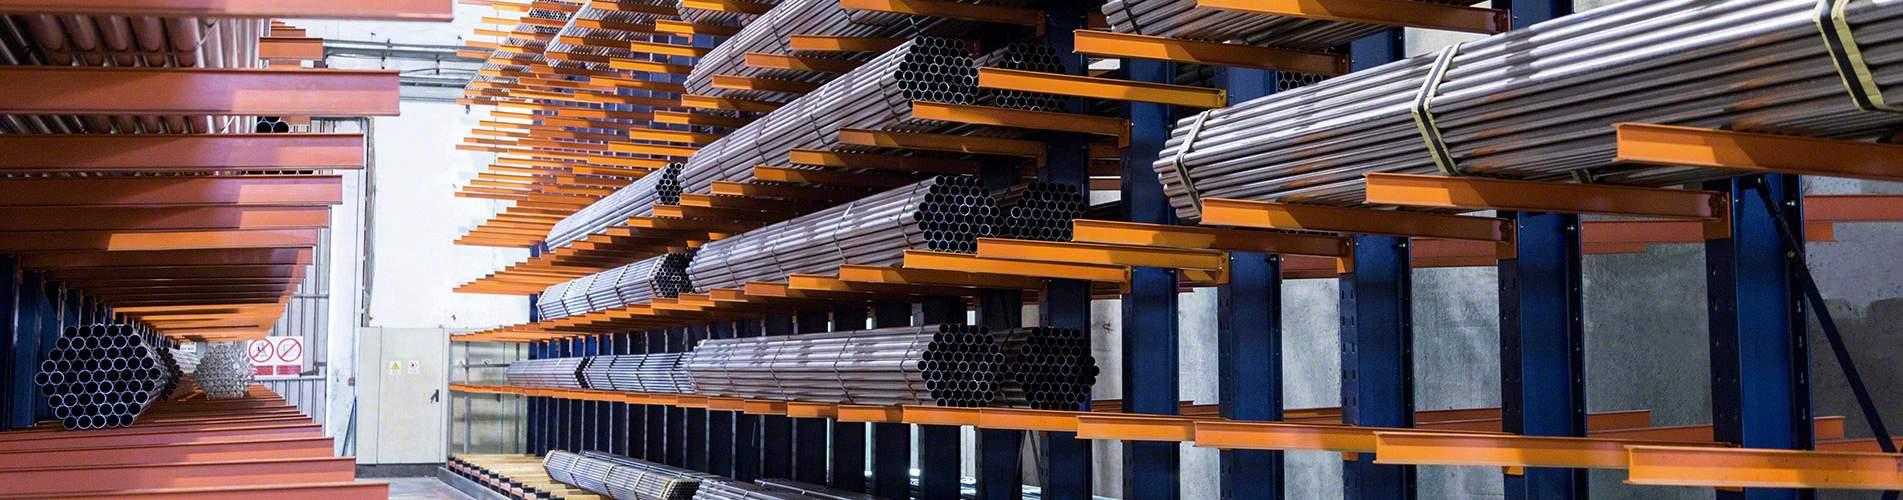 Medium and heavy duty cantilever racks